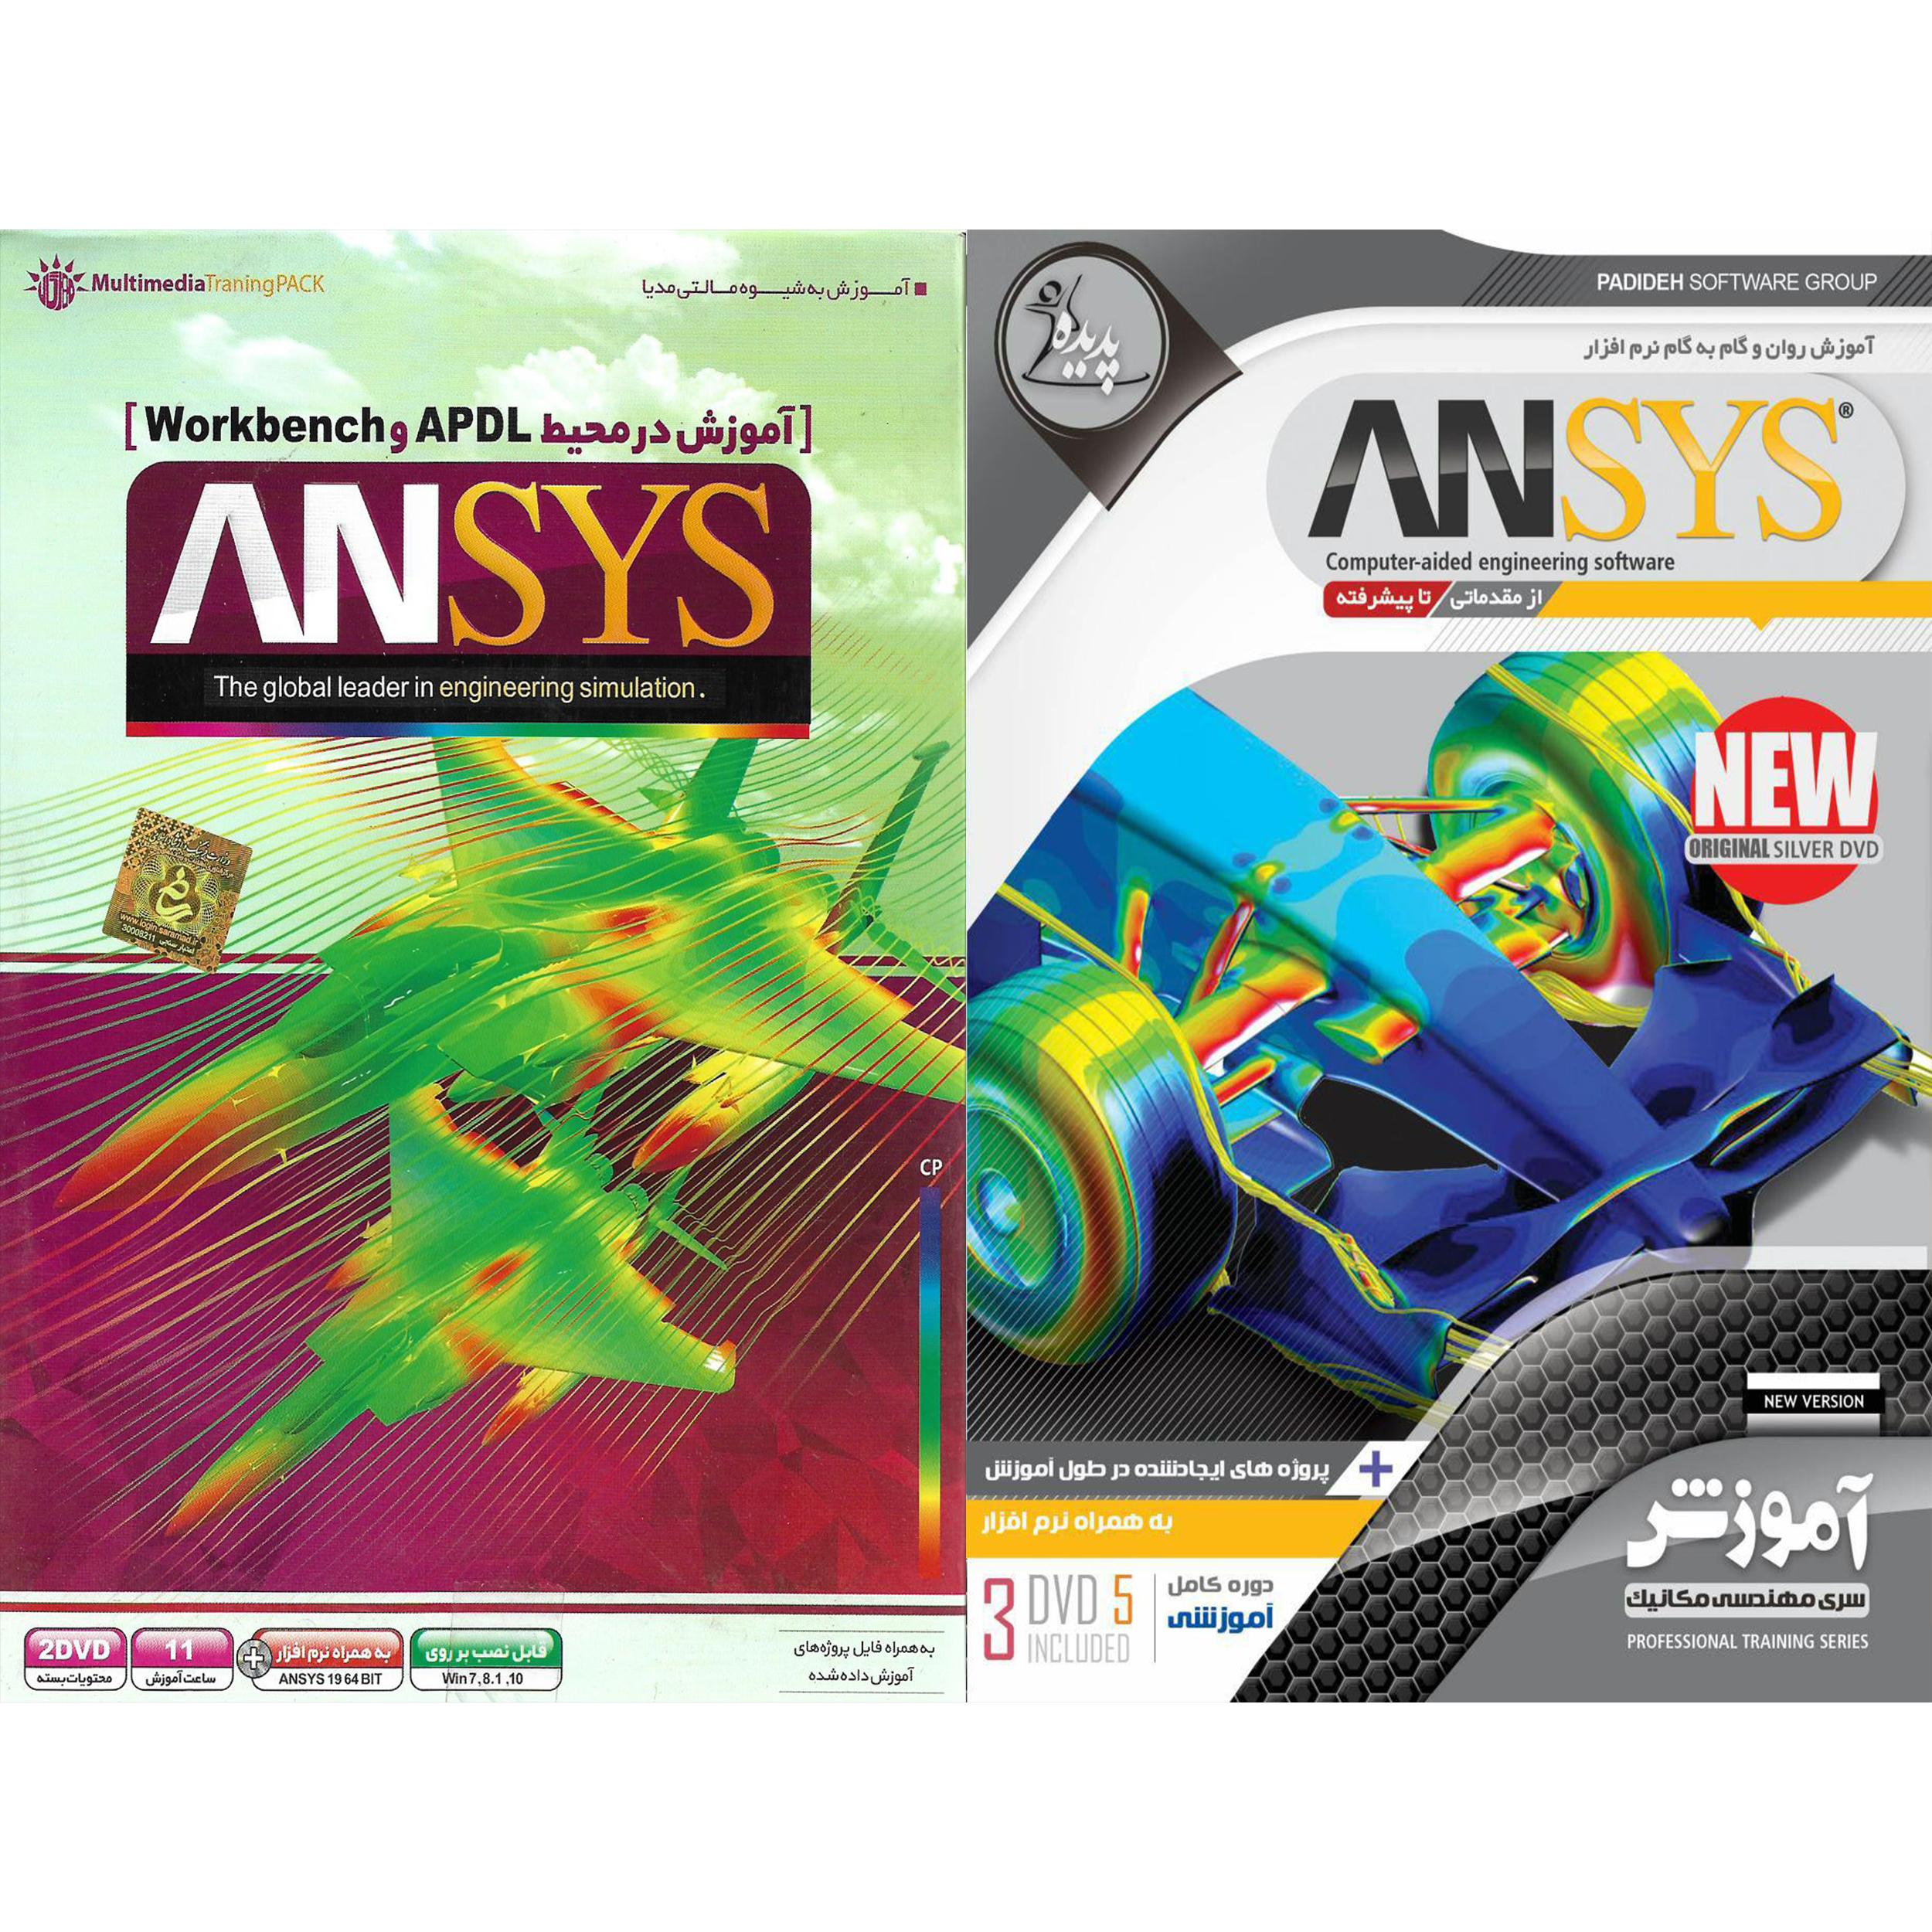 نرم افزار آموزش  ANSYS نشر پدیده به همراه نرم افزار آموزش ANSYS نشر مهرگان